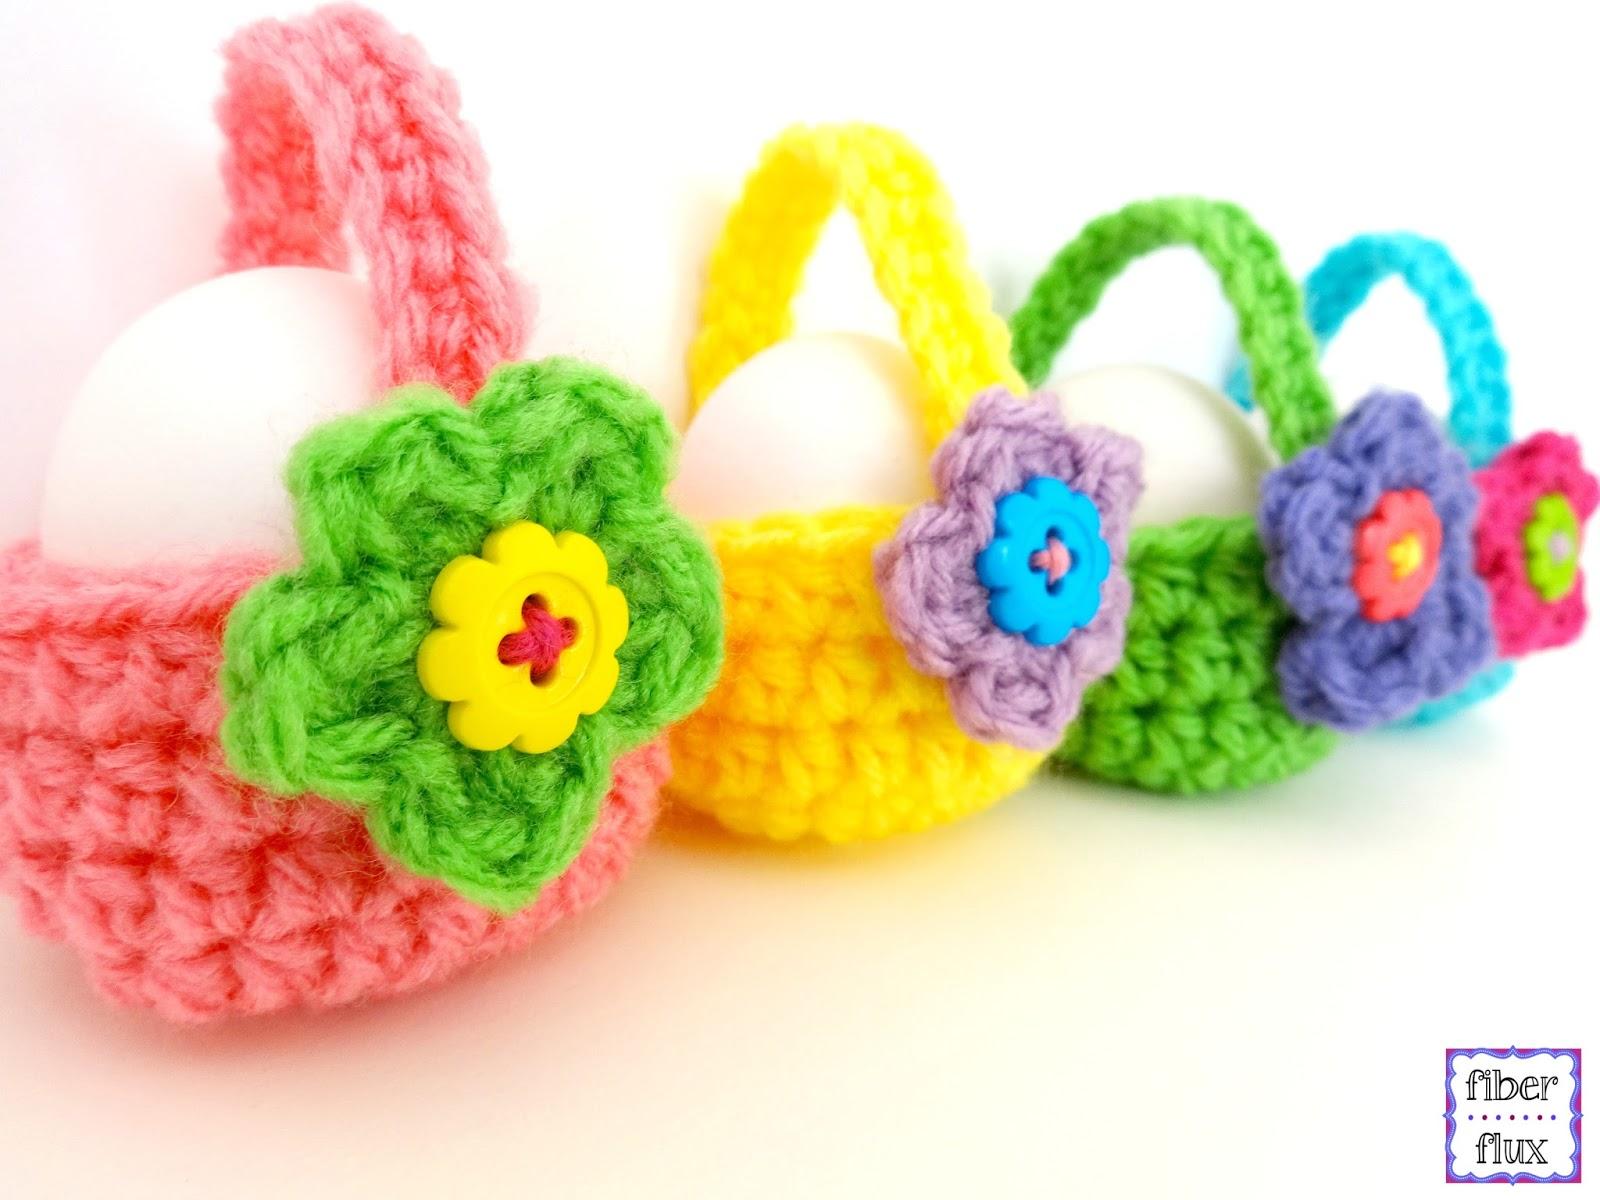 Crochet Egg Basket : Fiber Flux: Free Crochet Pattern...Little Egg Baskets!